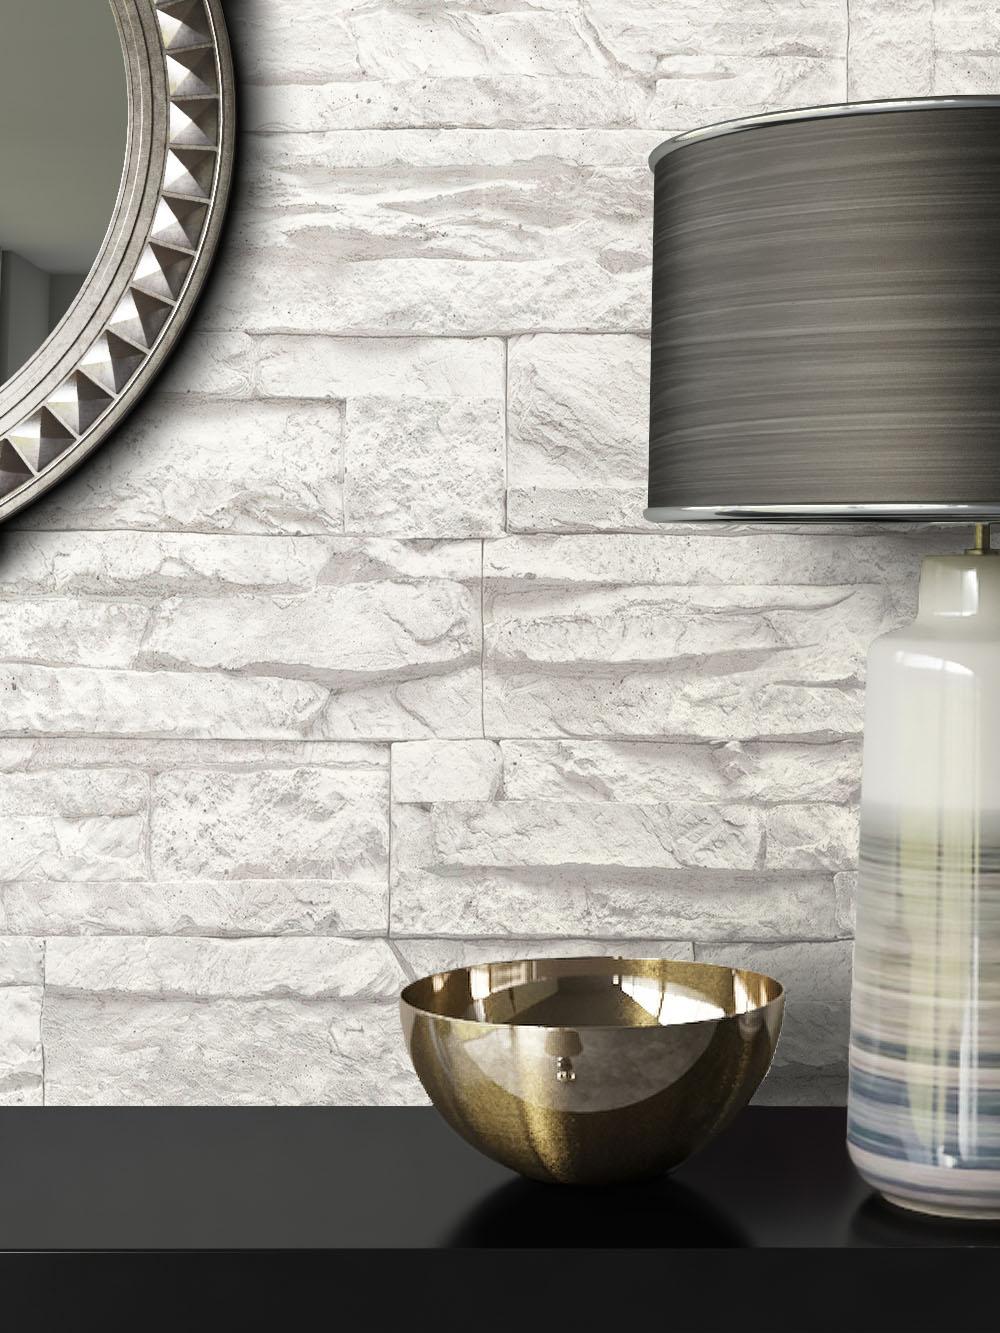 steintapete weiss, newroom steintapete vliestapete grau mauer stein jung weiß modern 3d, Design ideen